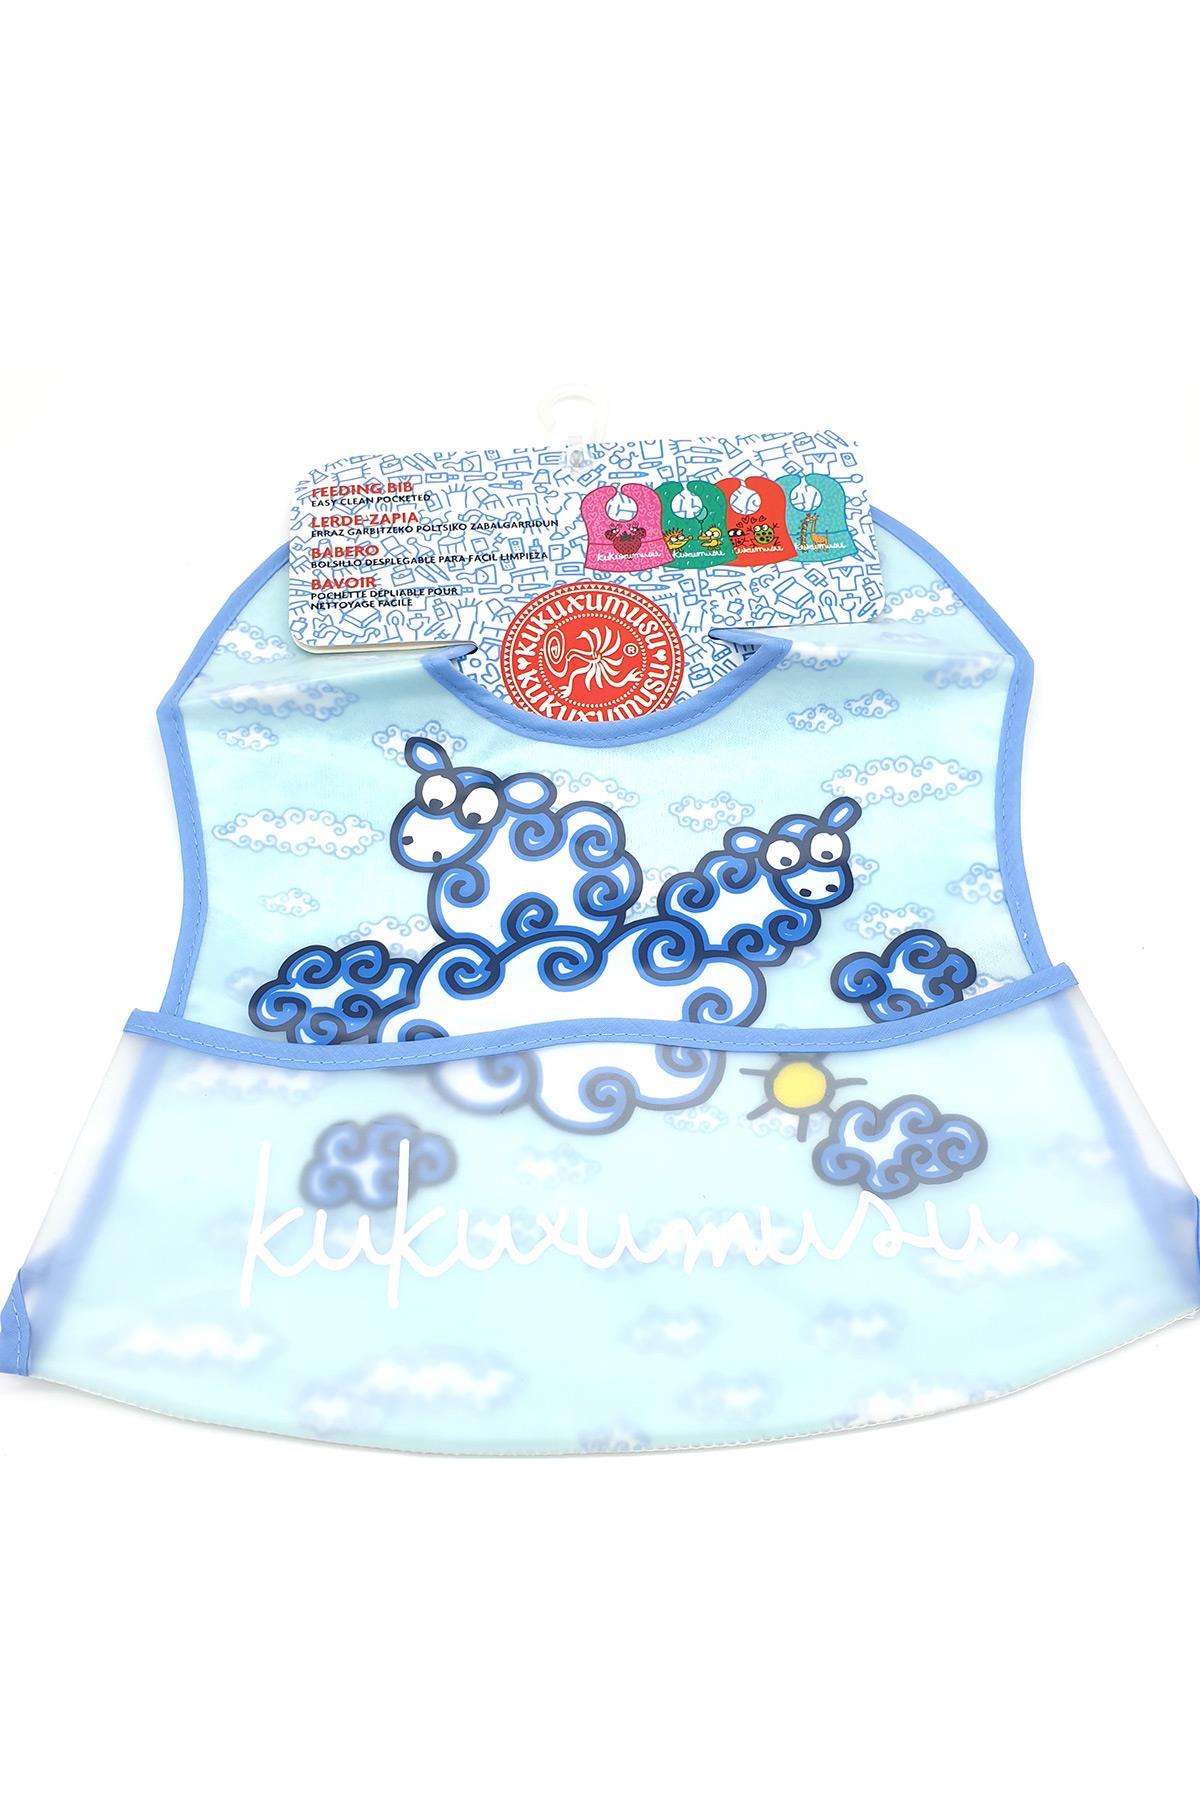 Laken Eva Bebek Önlüğü Nublado Lkkbn Made in Spain